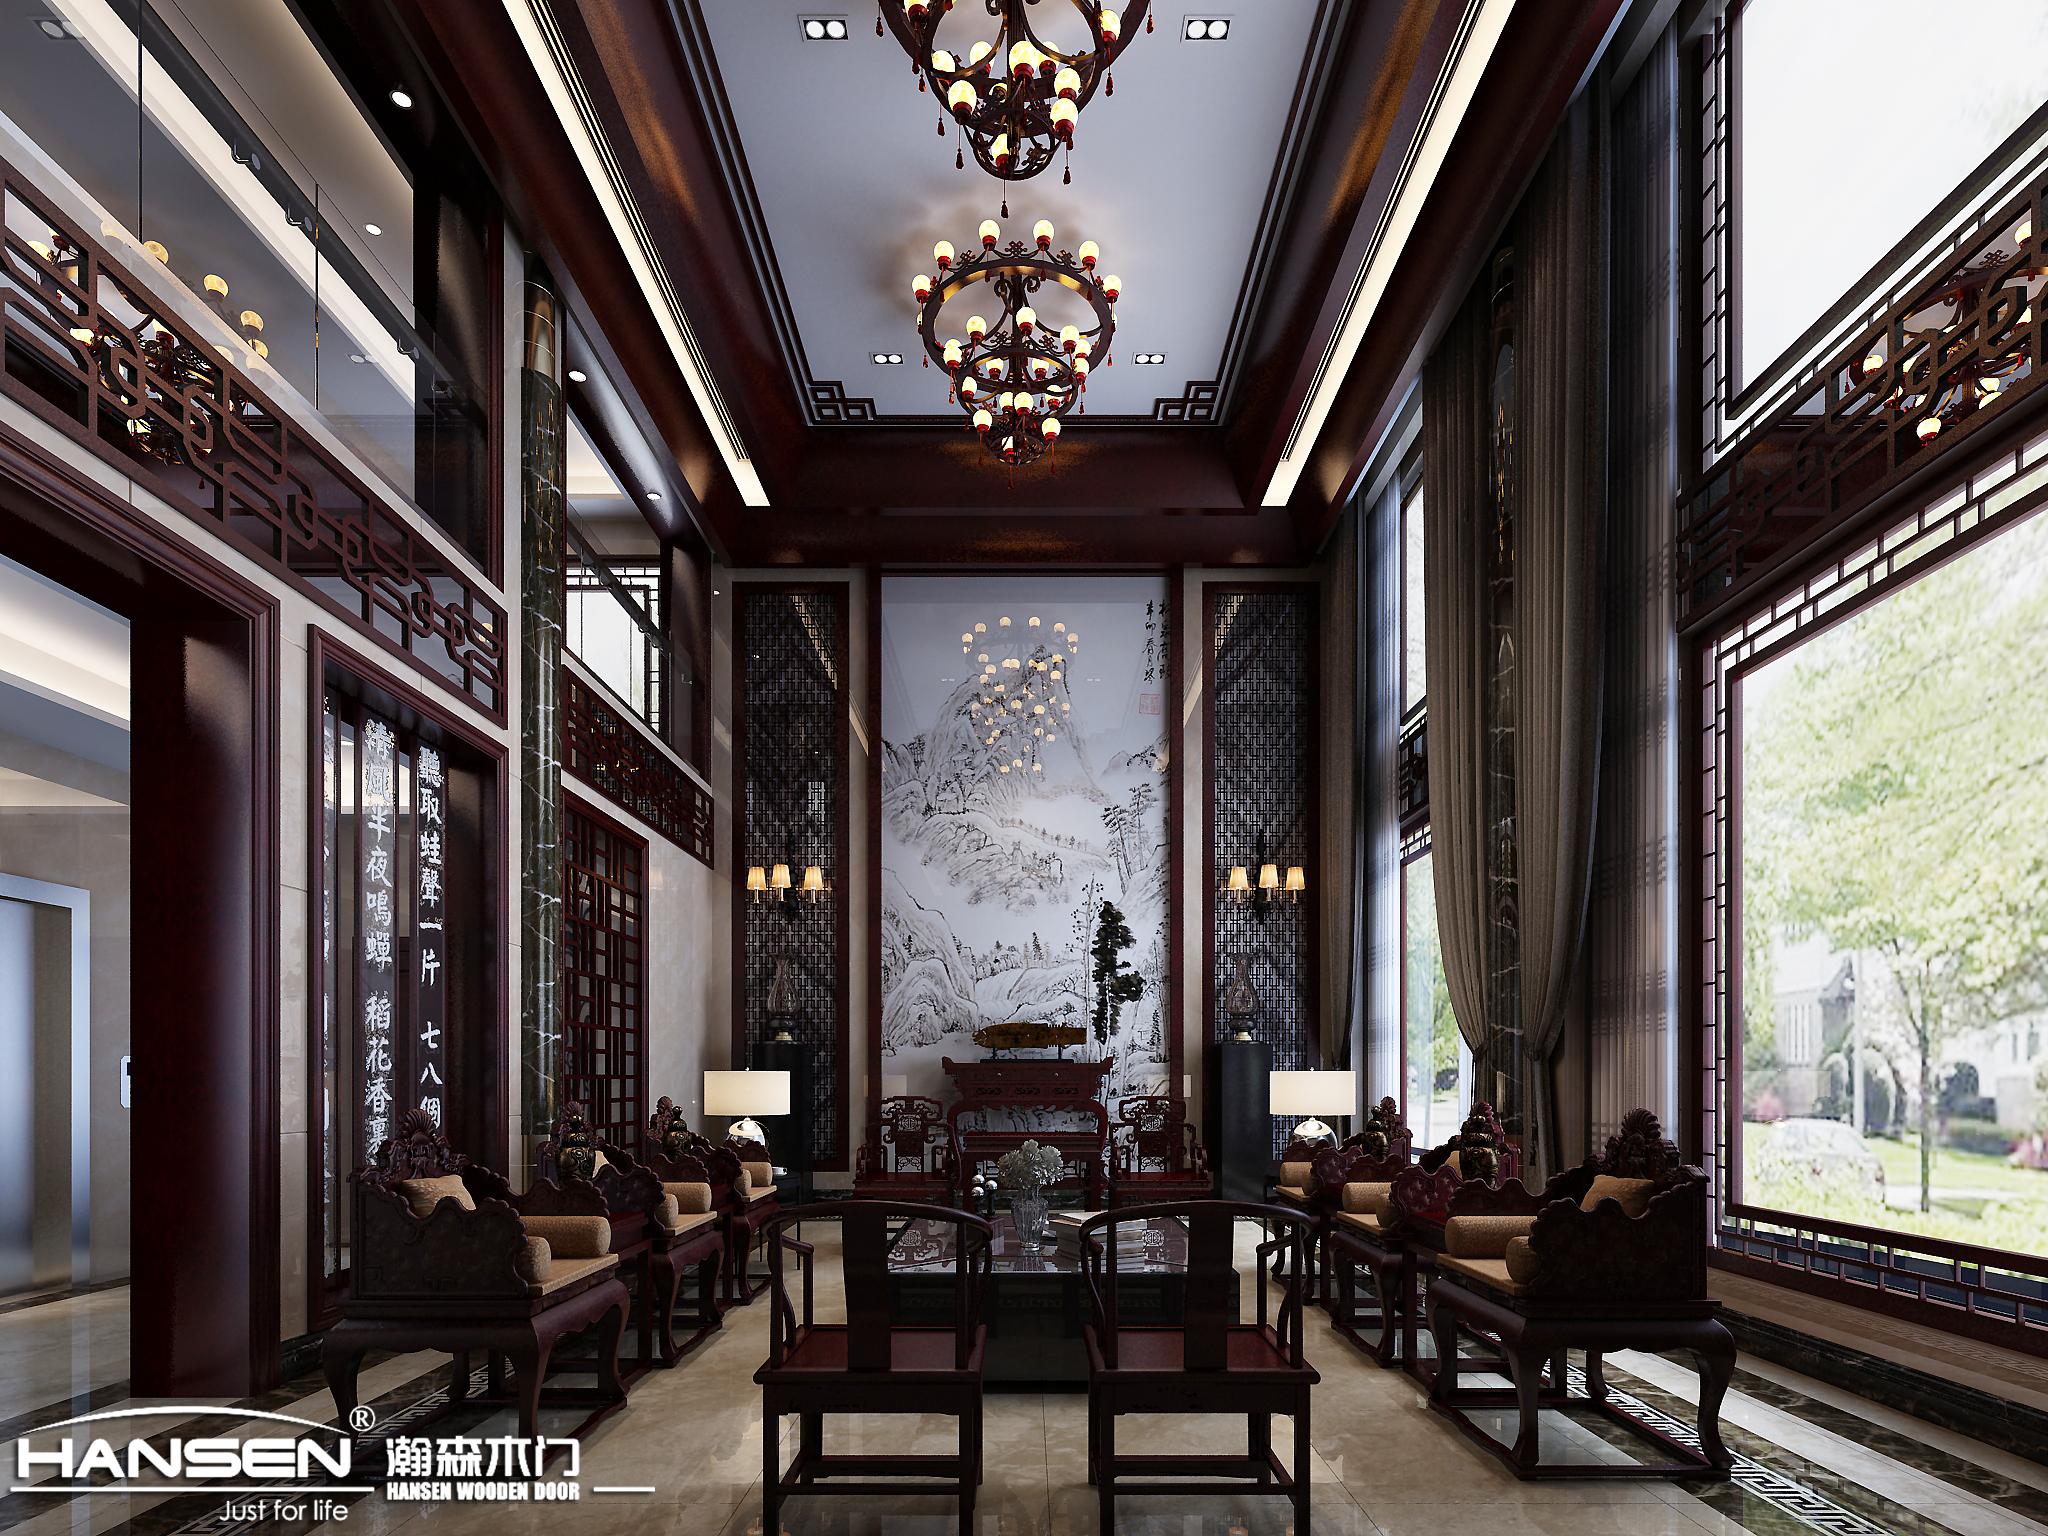 瀚森整木定制家居-中国人自己的全屋定制品牌